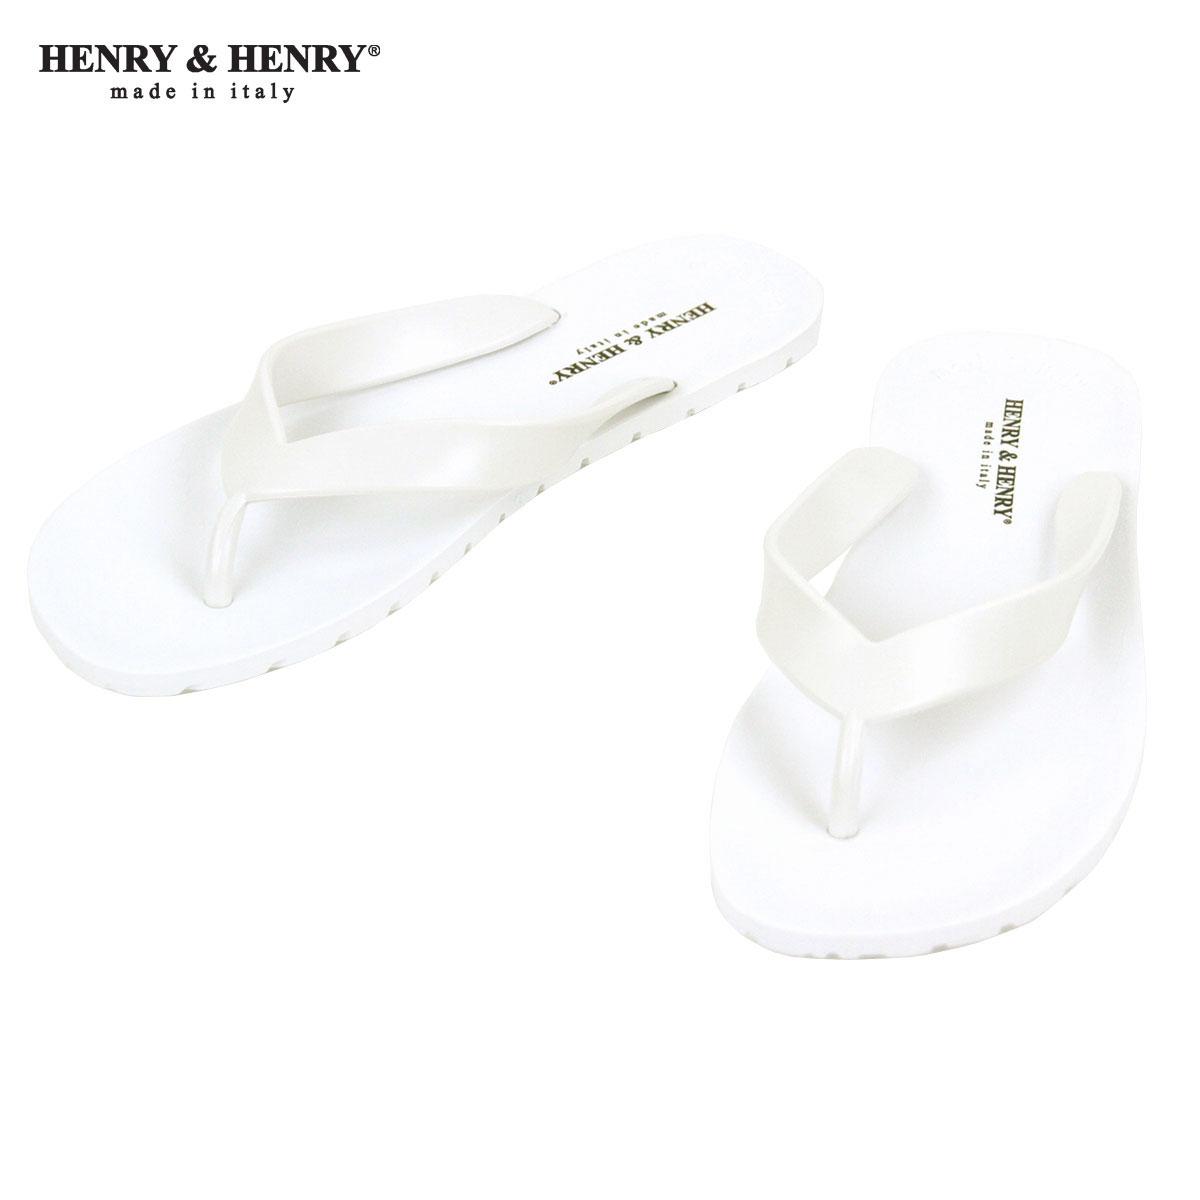 ヘンリーアンドヘンリー HENRY&HENRY 正規販売店 サンダル フリッパー FRIPPER SANDAL WHITE 31 A66B B3C C4D D3E E01F